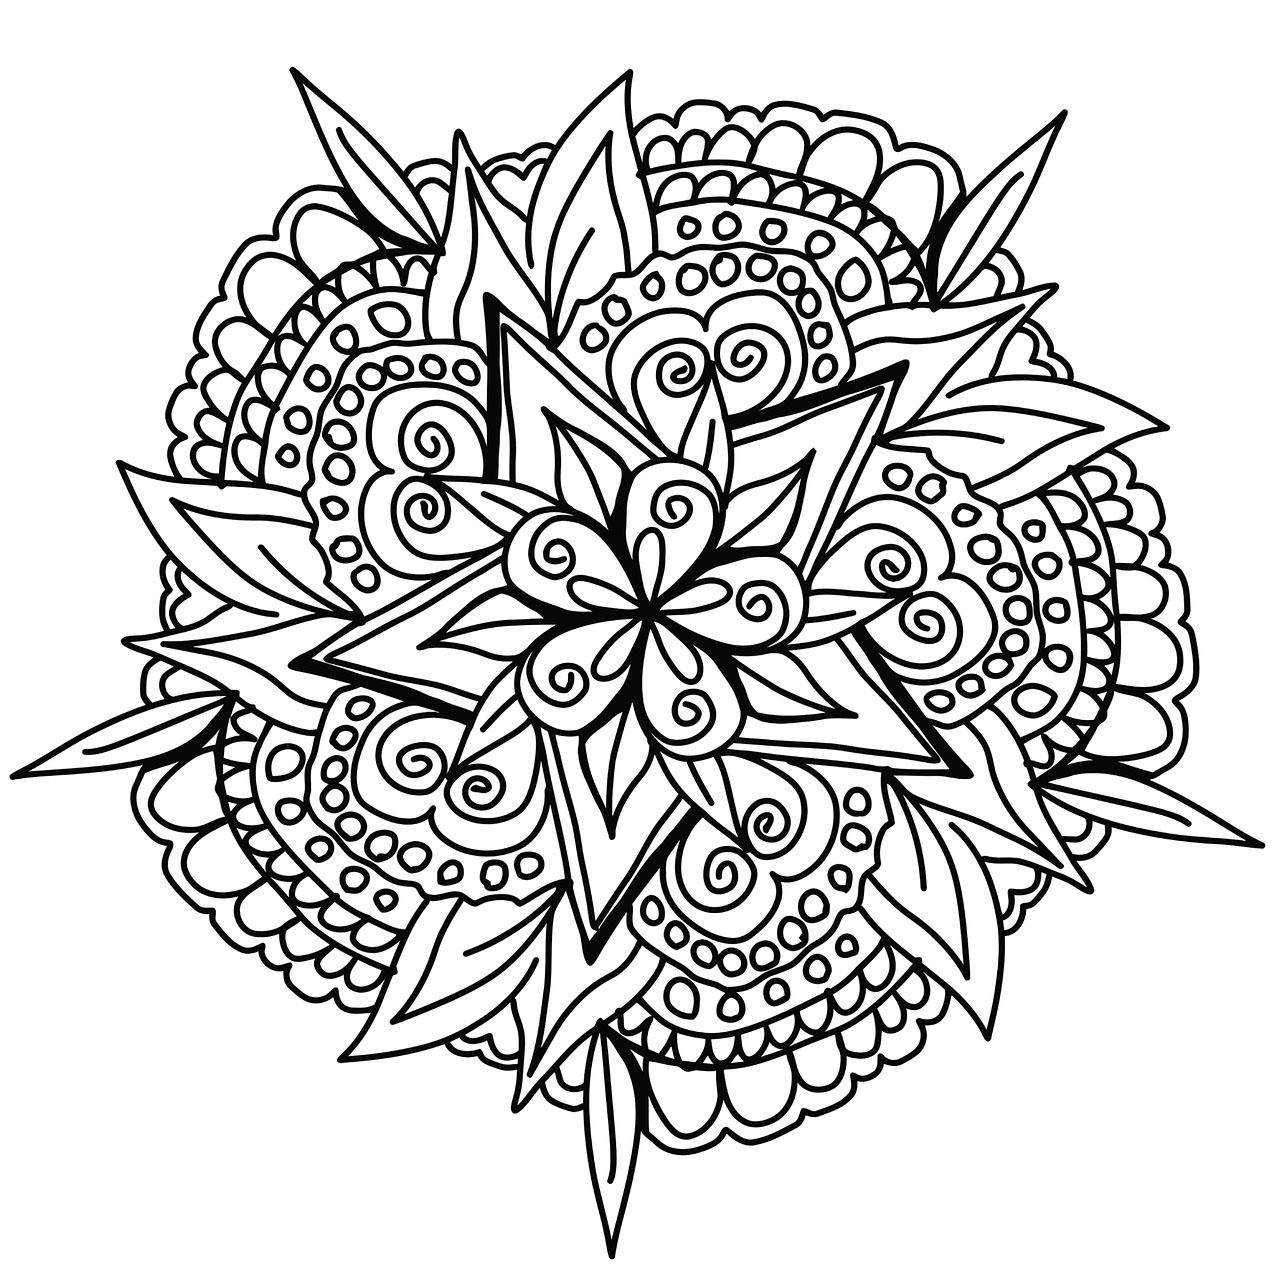 Magnifique mandala dessin la main mandalas coloriages difficiles pour adultes - Coloriage magnifique ...